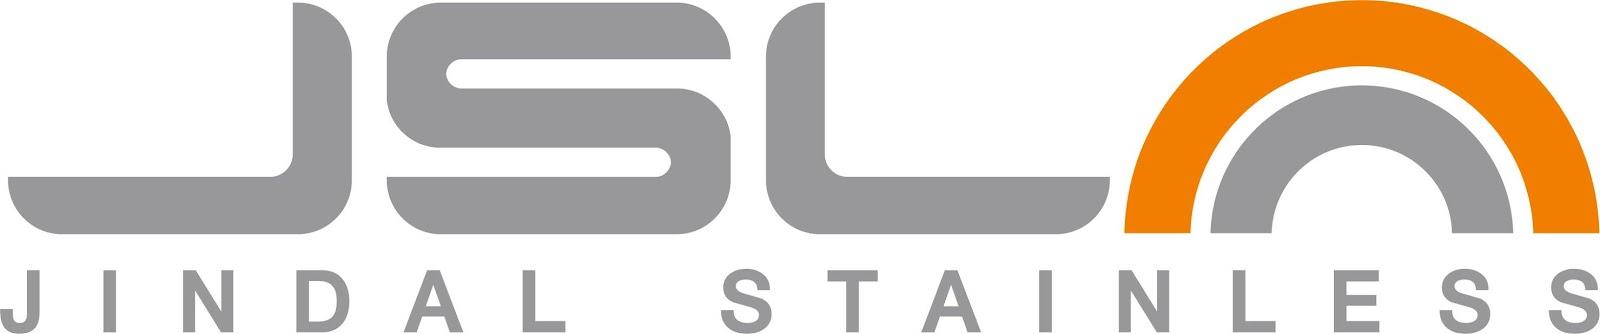 Jindal Stainless-logo-jpg.jpg